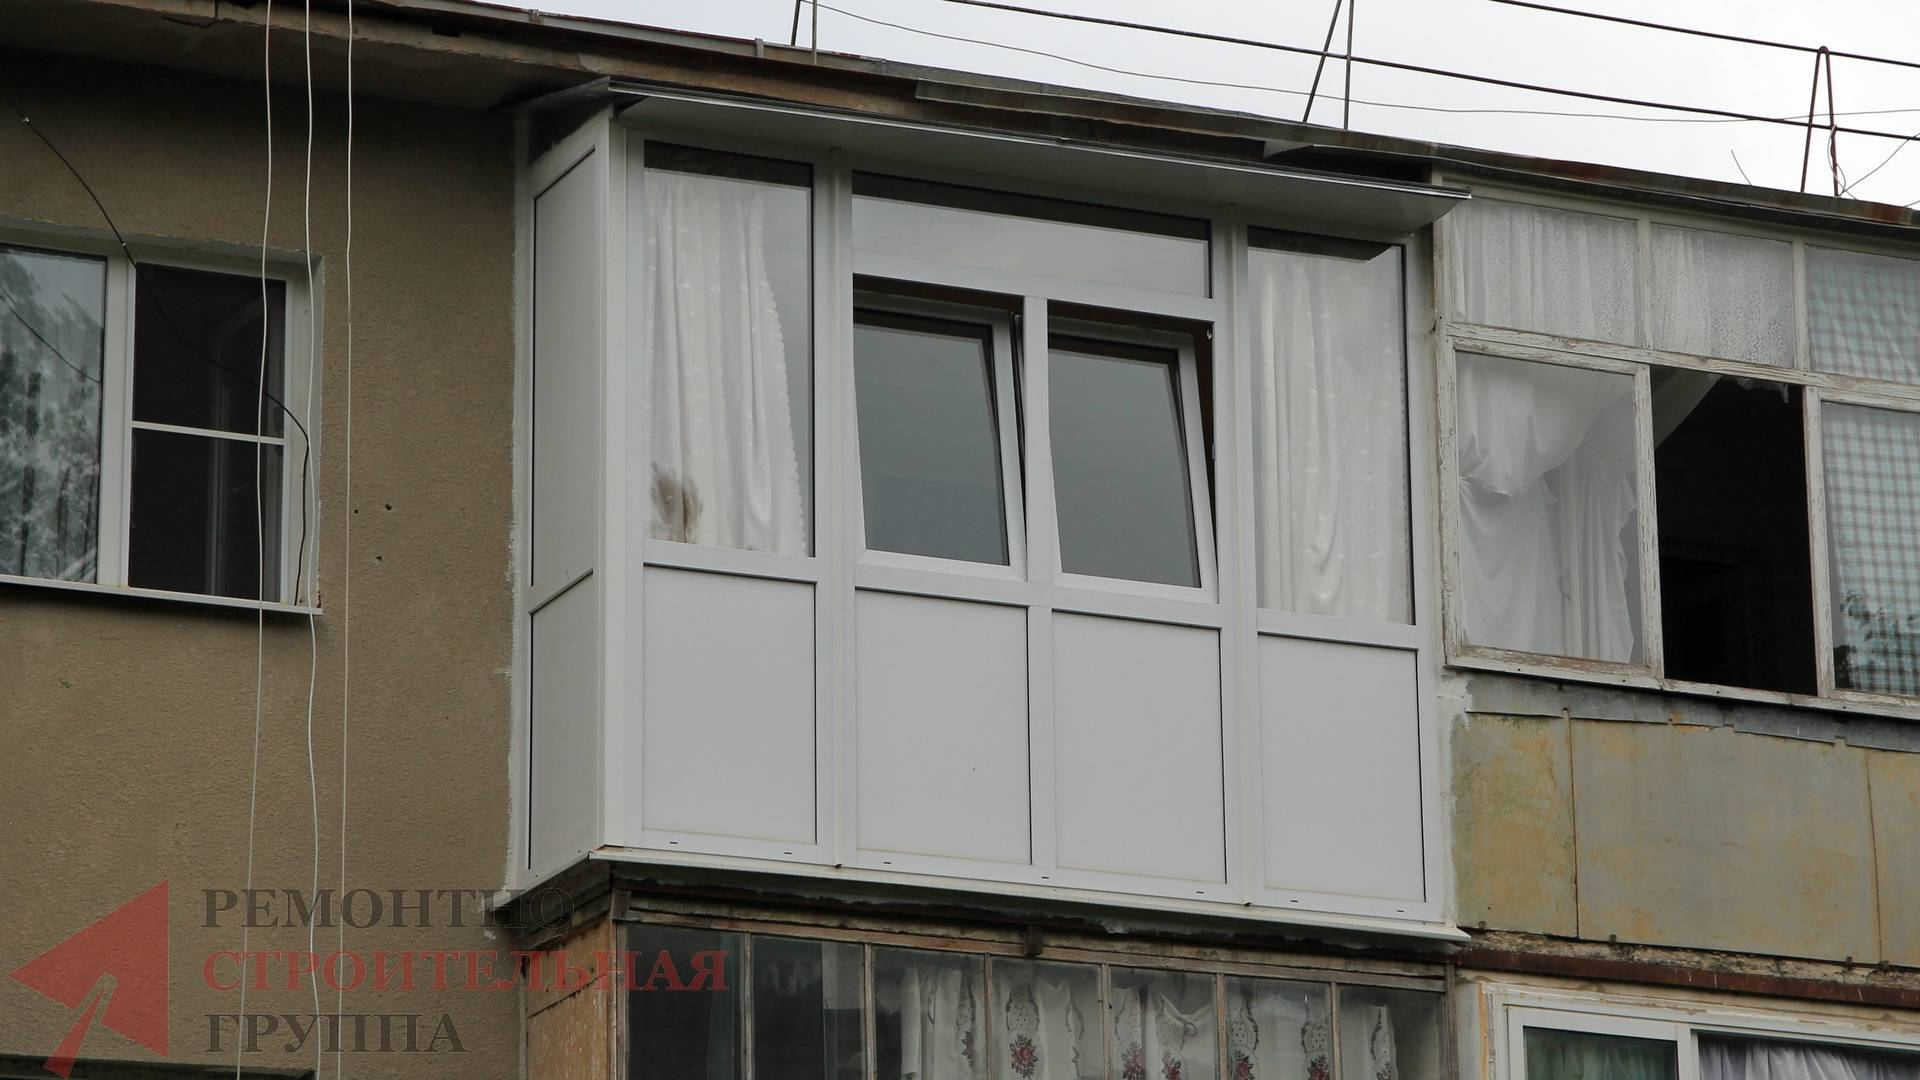 Окна и двери ELEX, Окна в квартиру, Остекление балконов